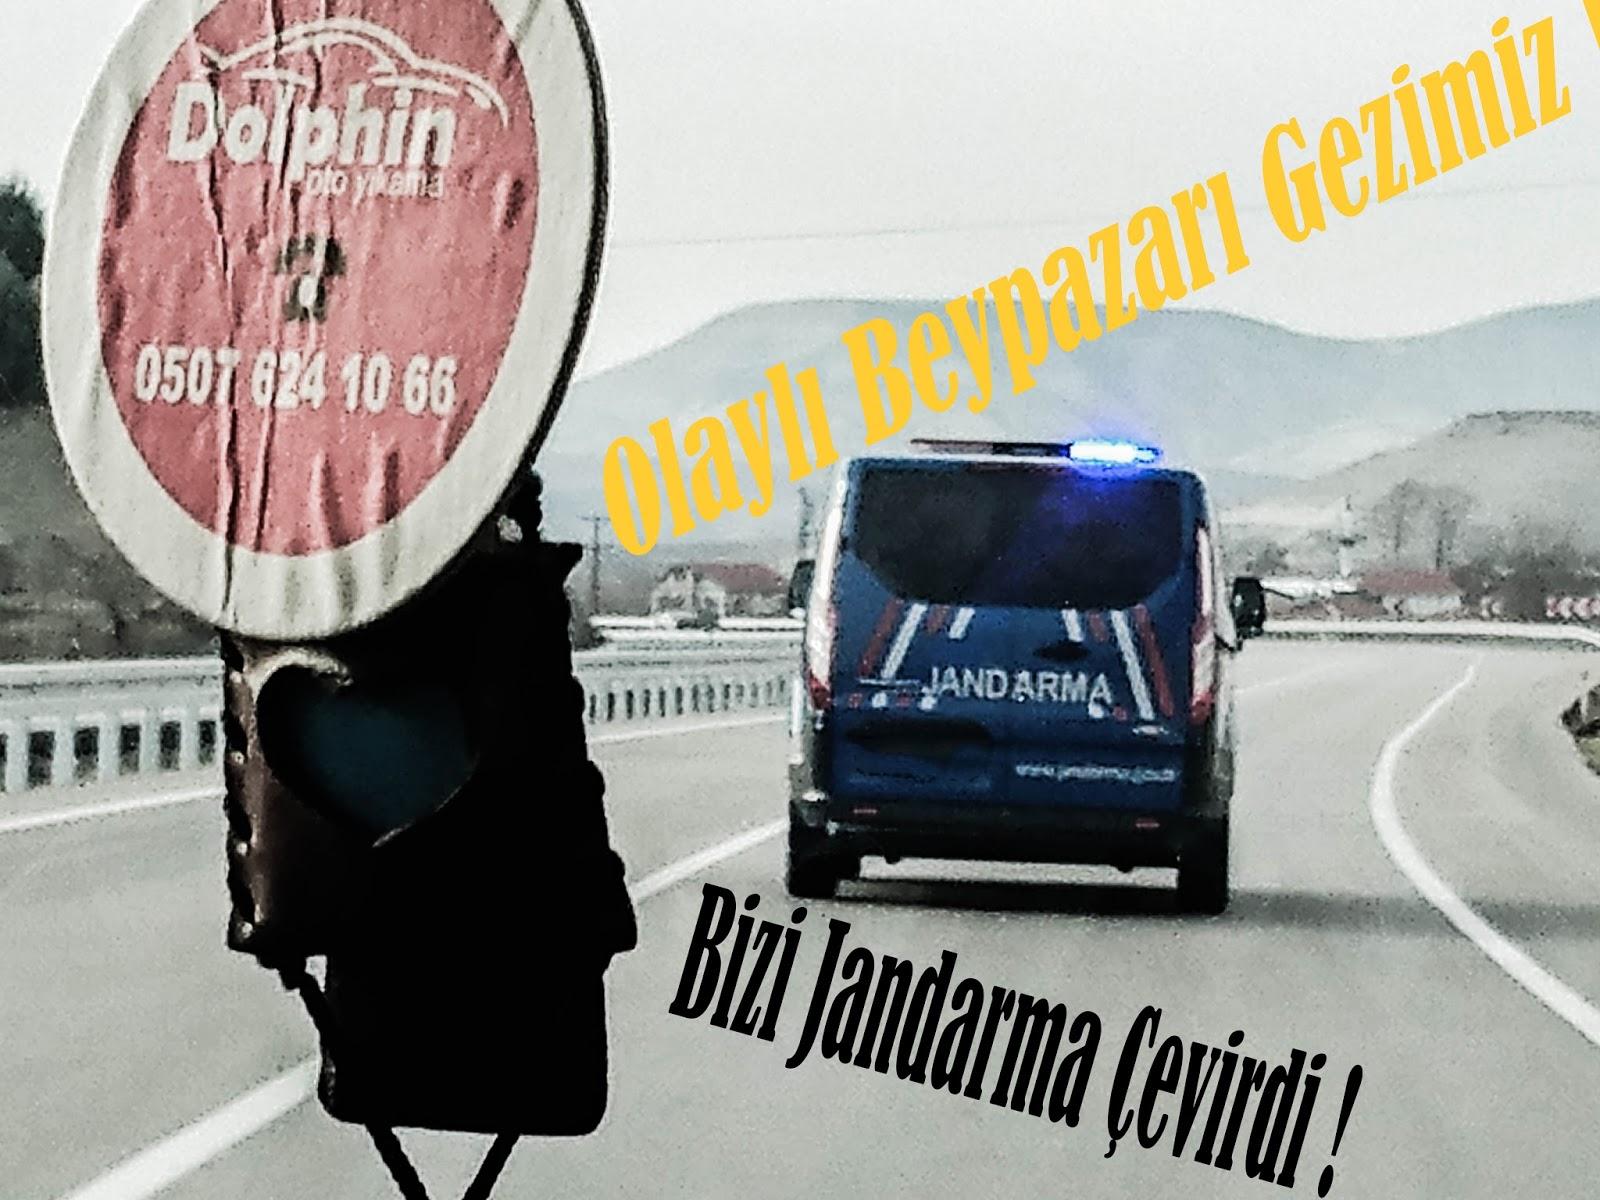 Jandarmalar tarafından Çevirildik !